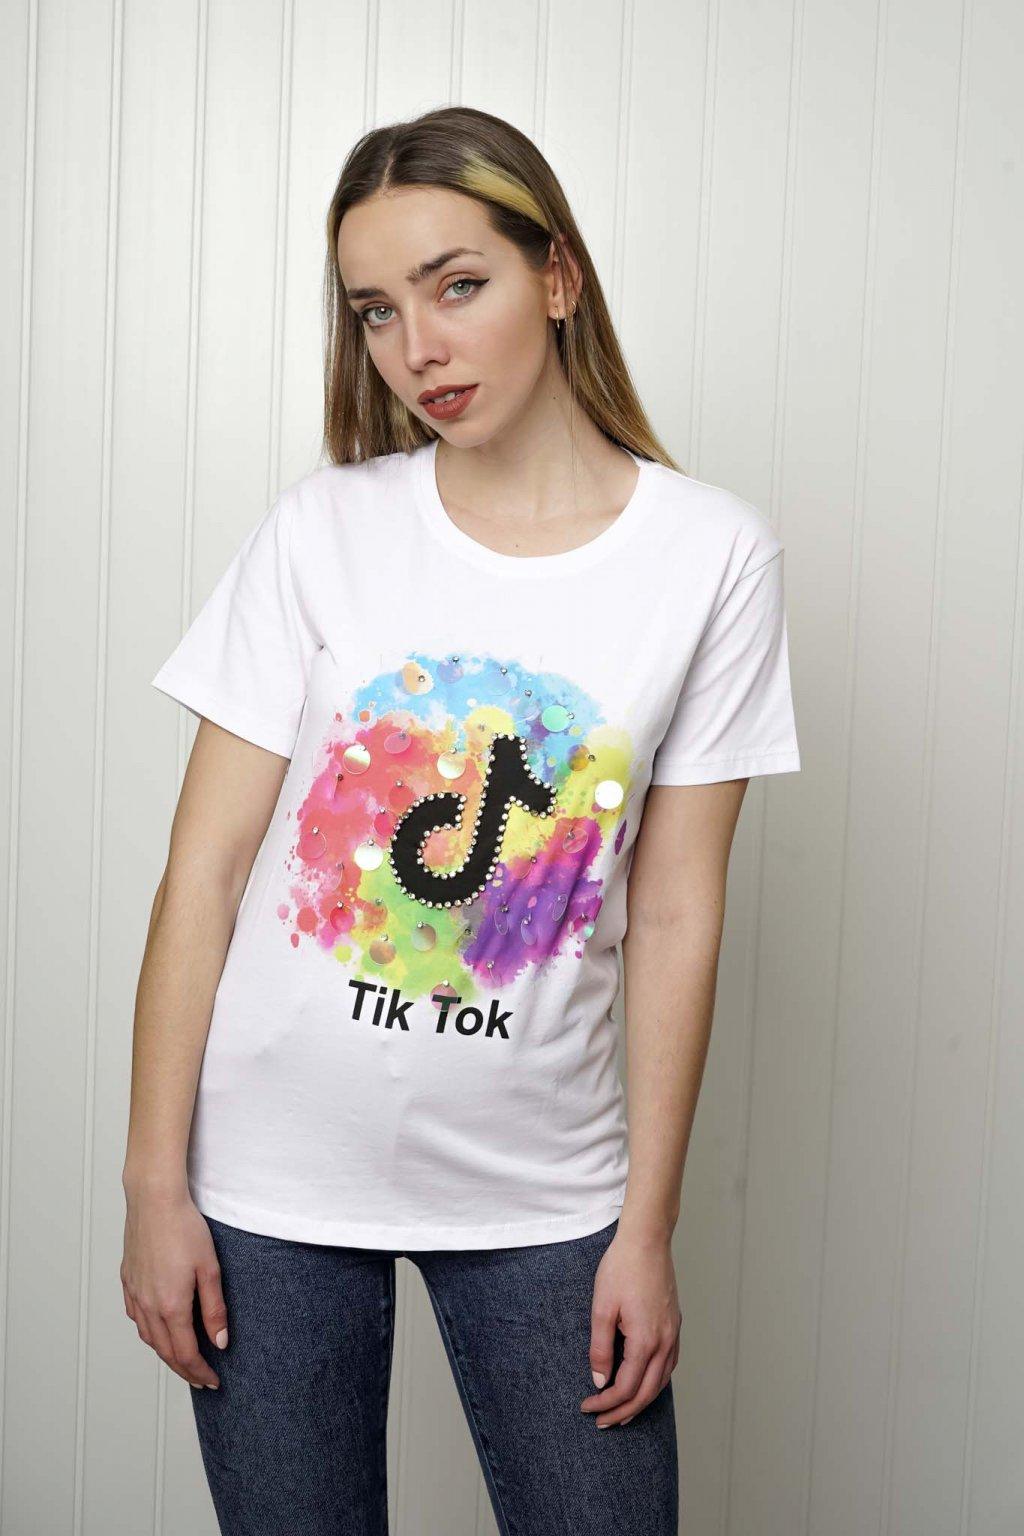 tričko, tričkové šaty, biele, čierne, žlté, vzorované, potlač, vyšívané, nášivky, fialové, street style, 153